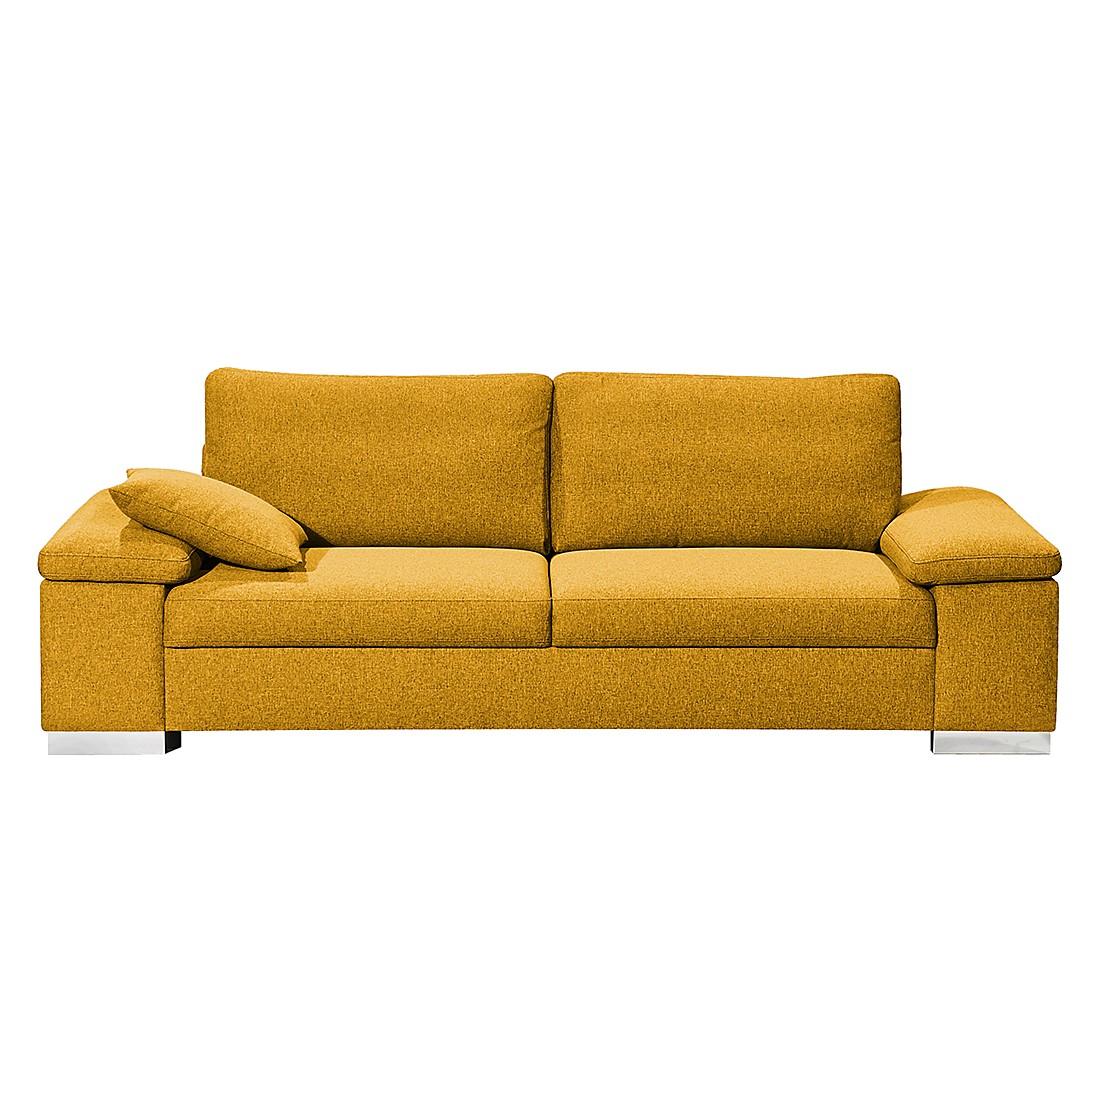 Sofa Casual Line V (3-Sitzer) – Strukturstoff – Gelb, Claas Claasen günstig bestellen